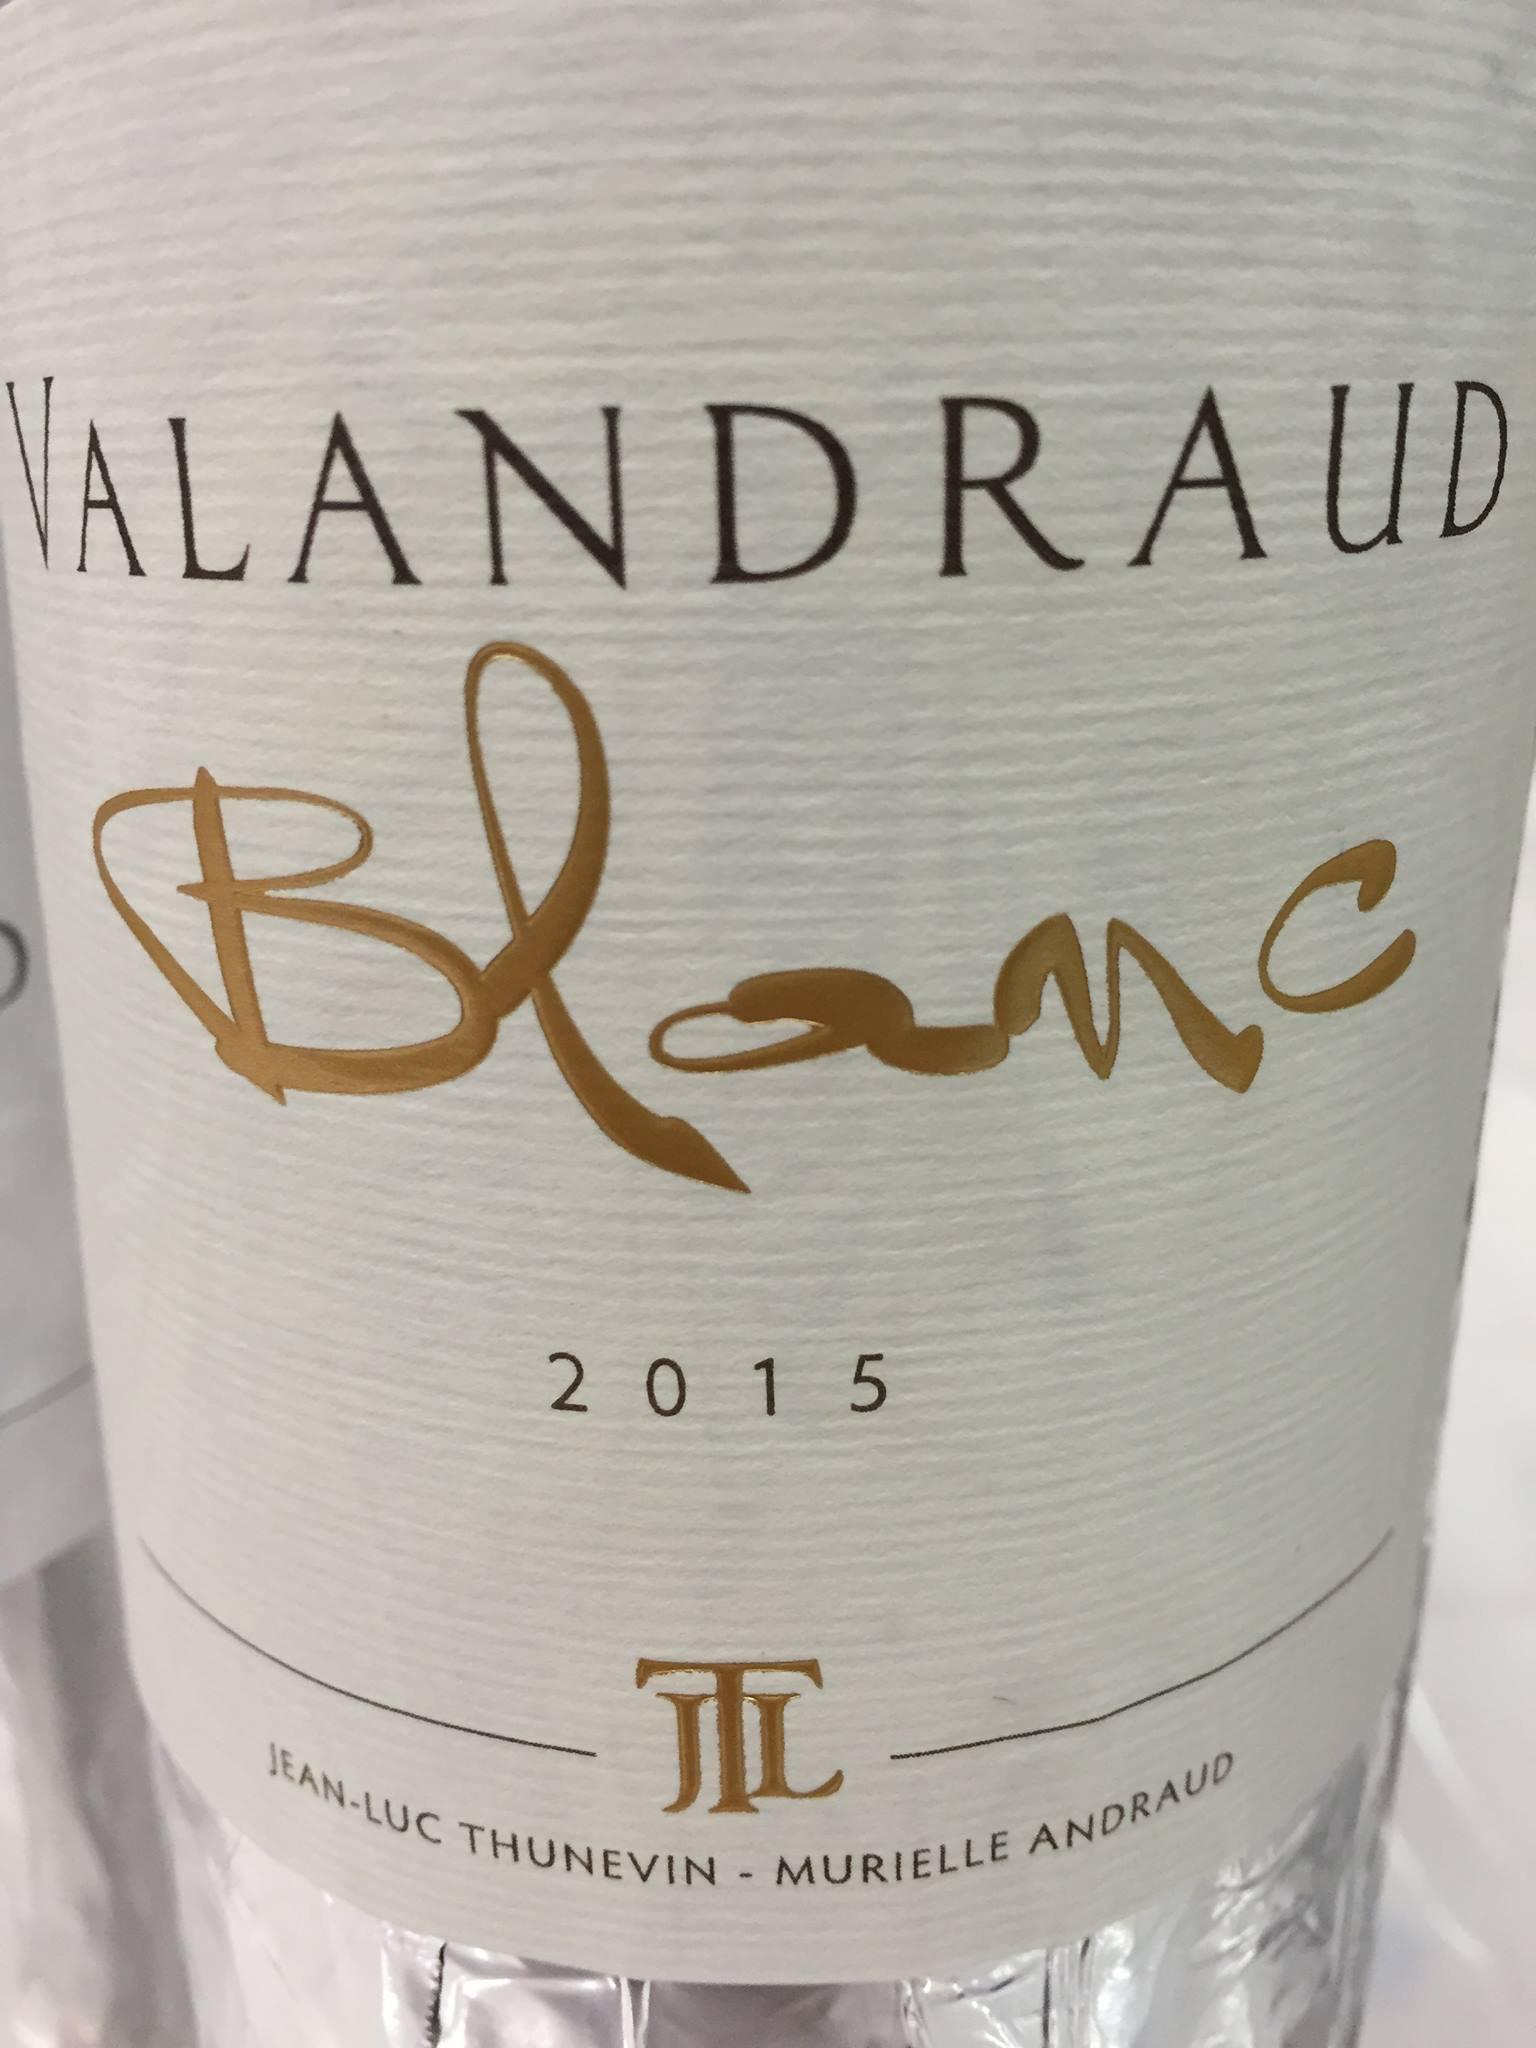 Virginie de Valandraud Blanc 2015 – Bordeaux